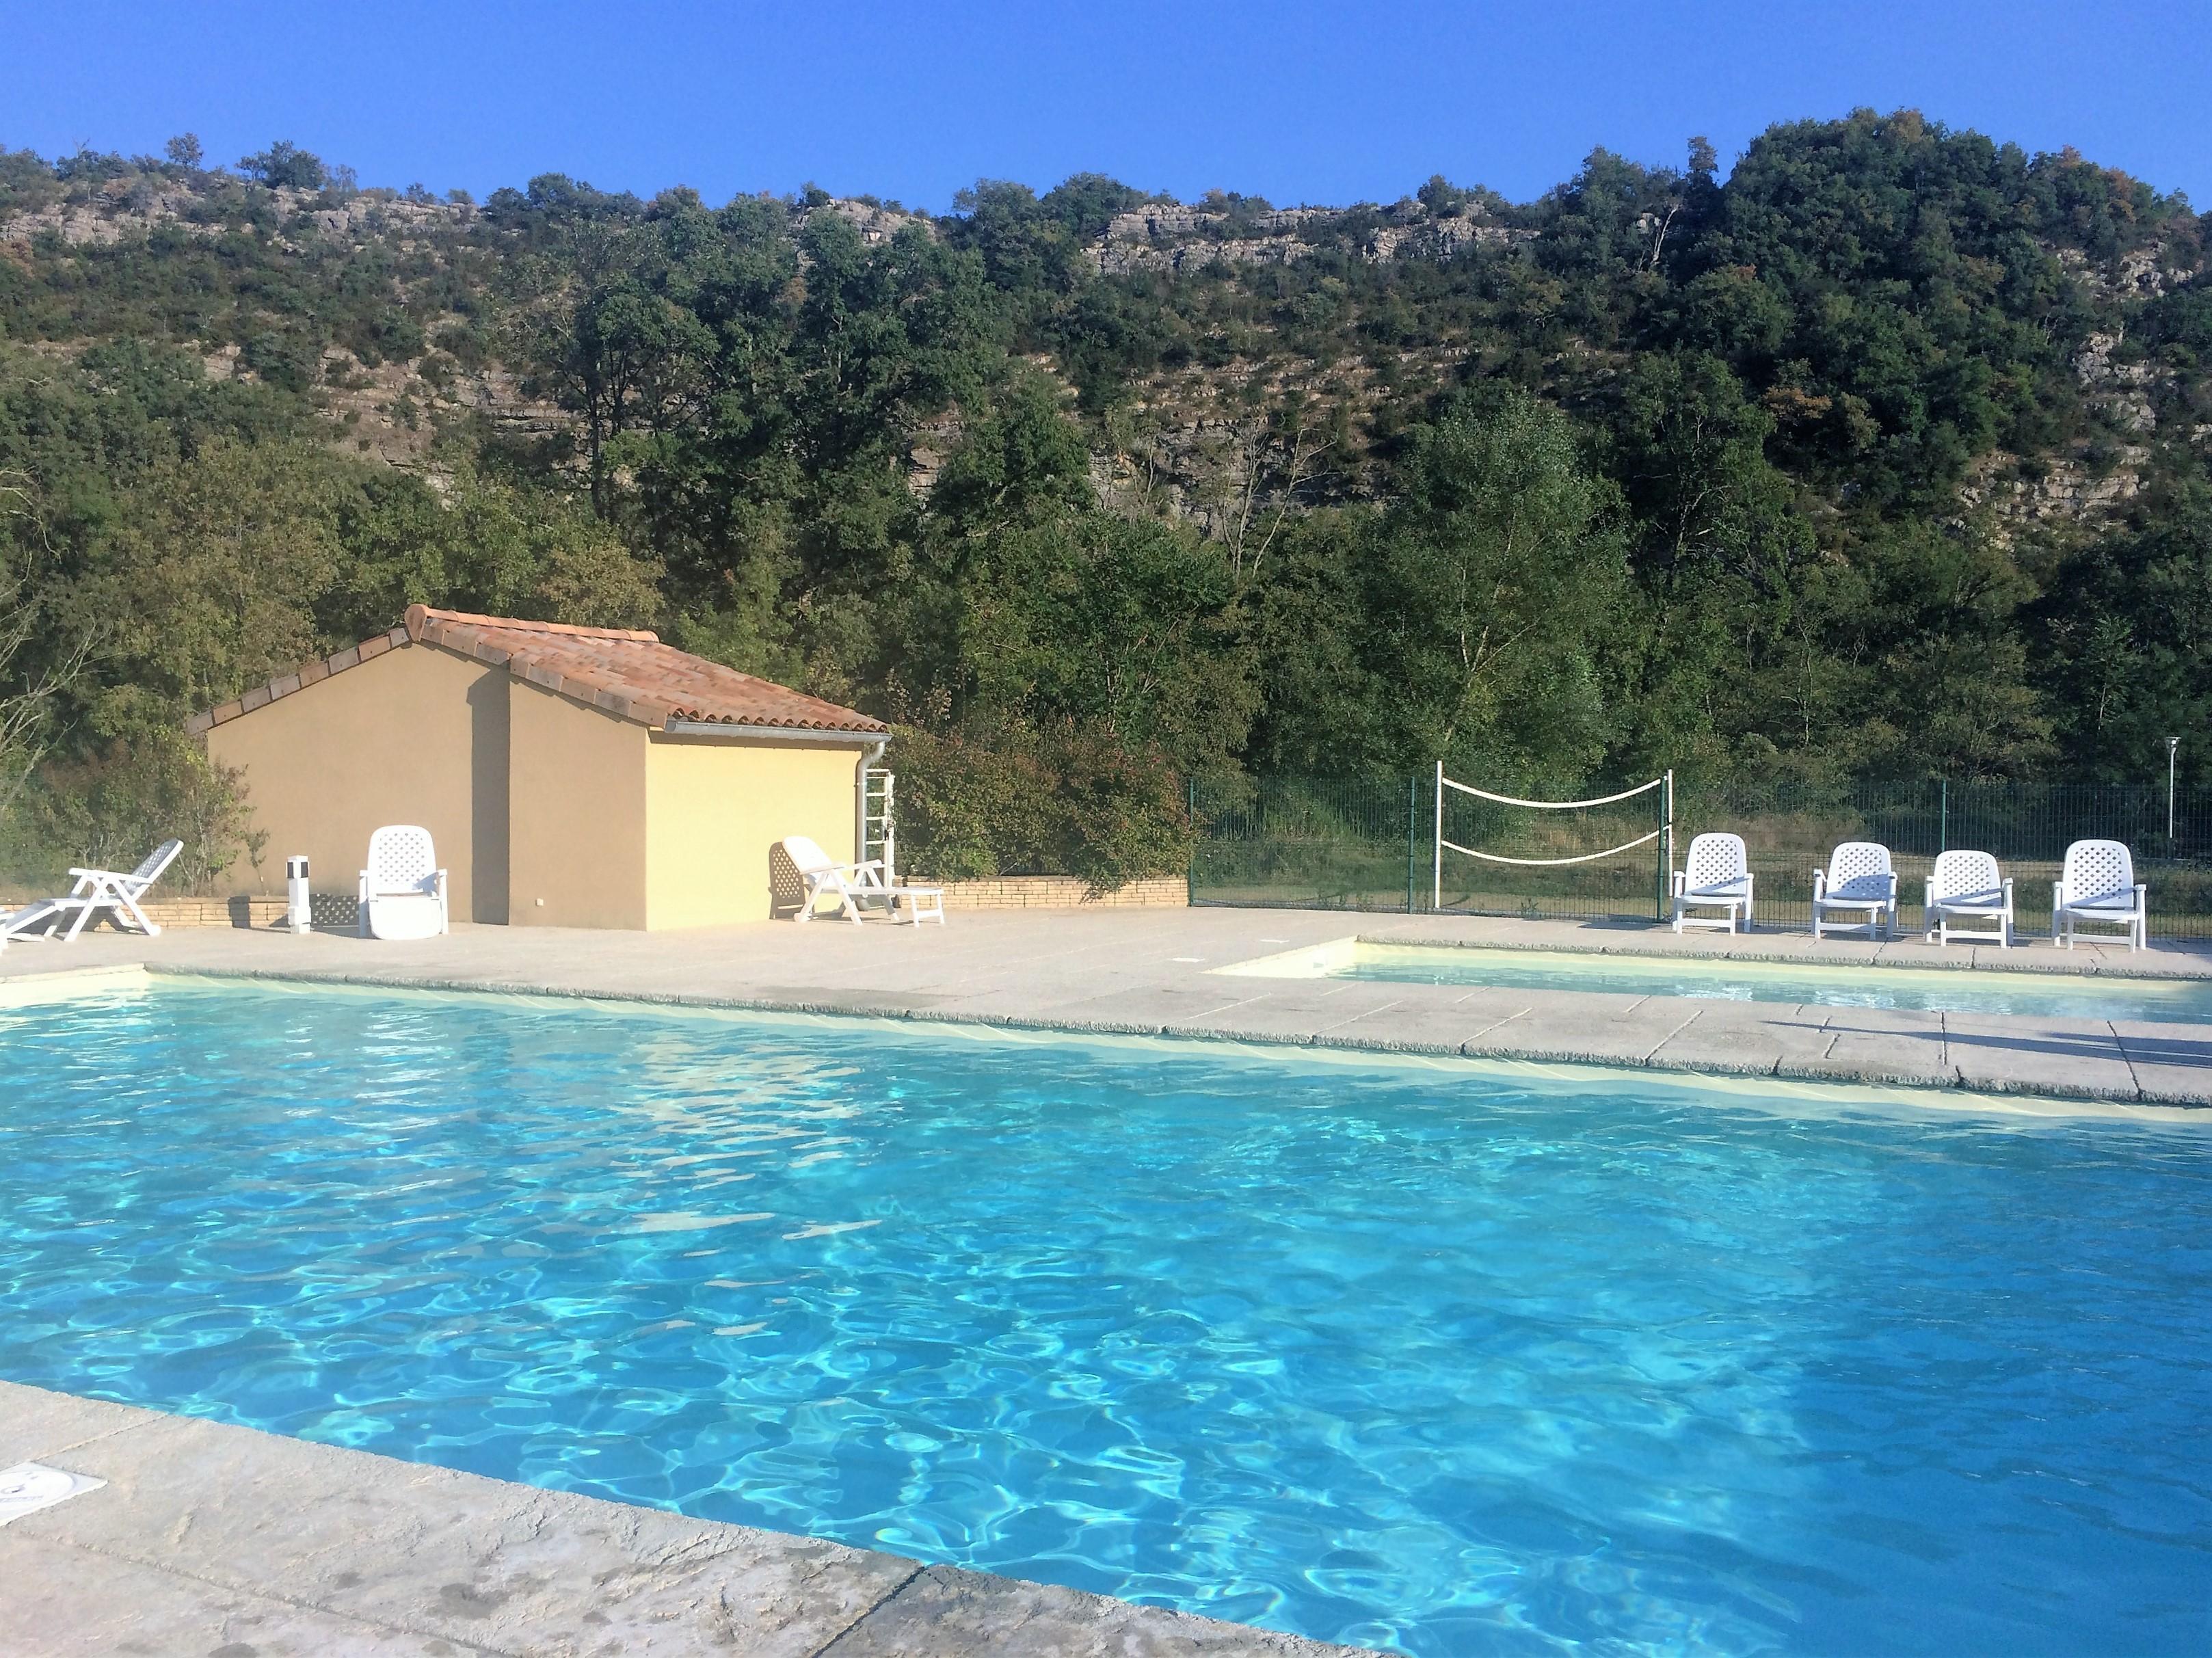 Piscine du Camping Résidentiel Le Moulinage (route des défilés de Ruoms, Sud Ardèche)